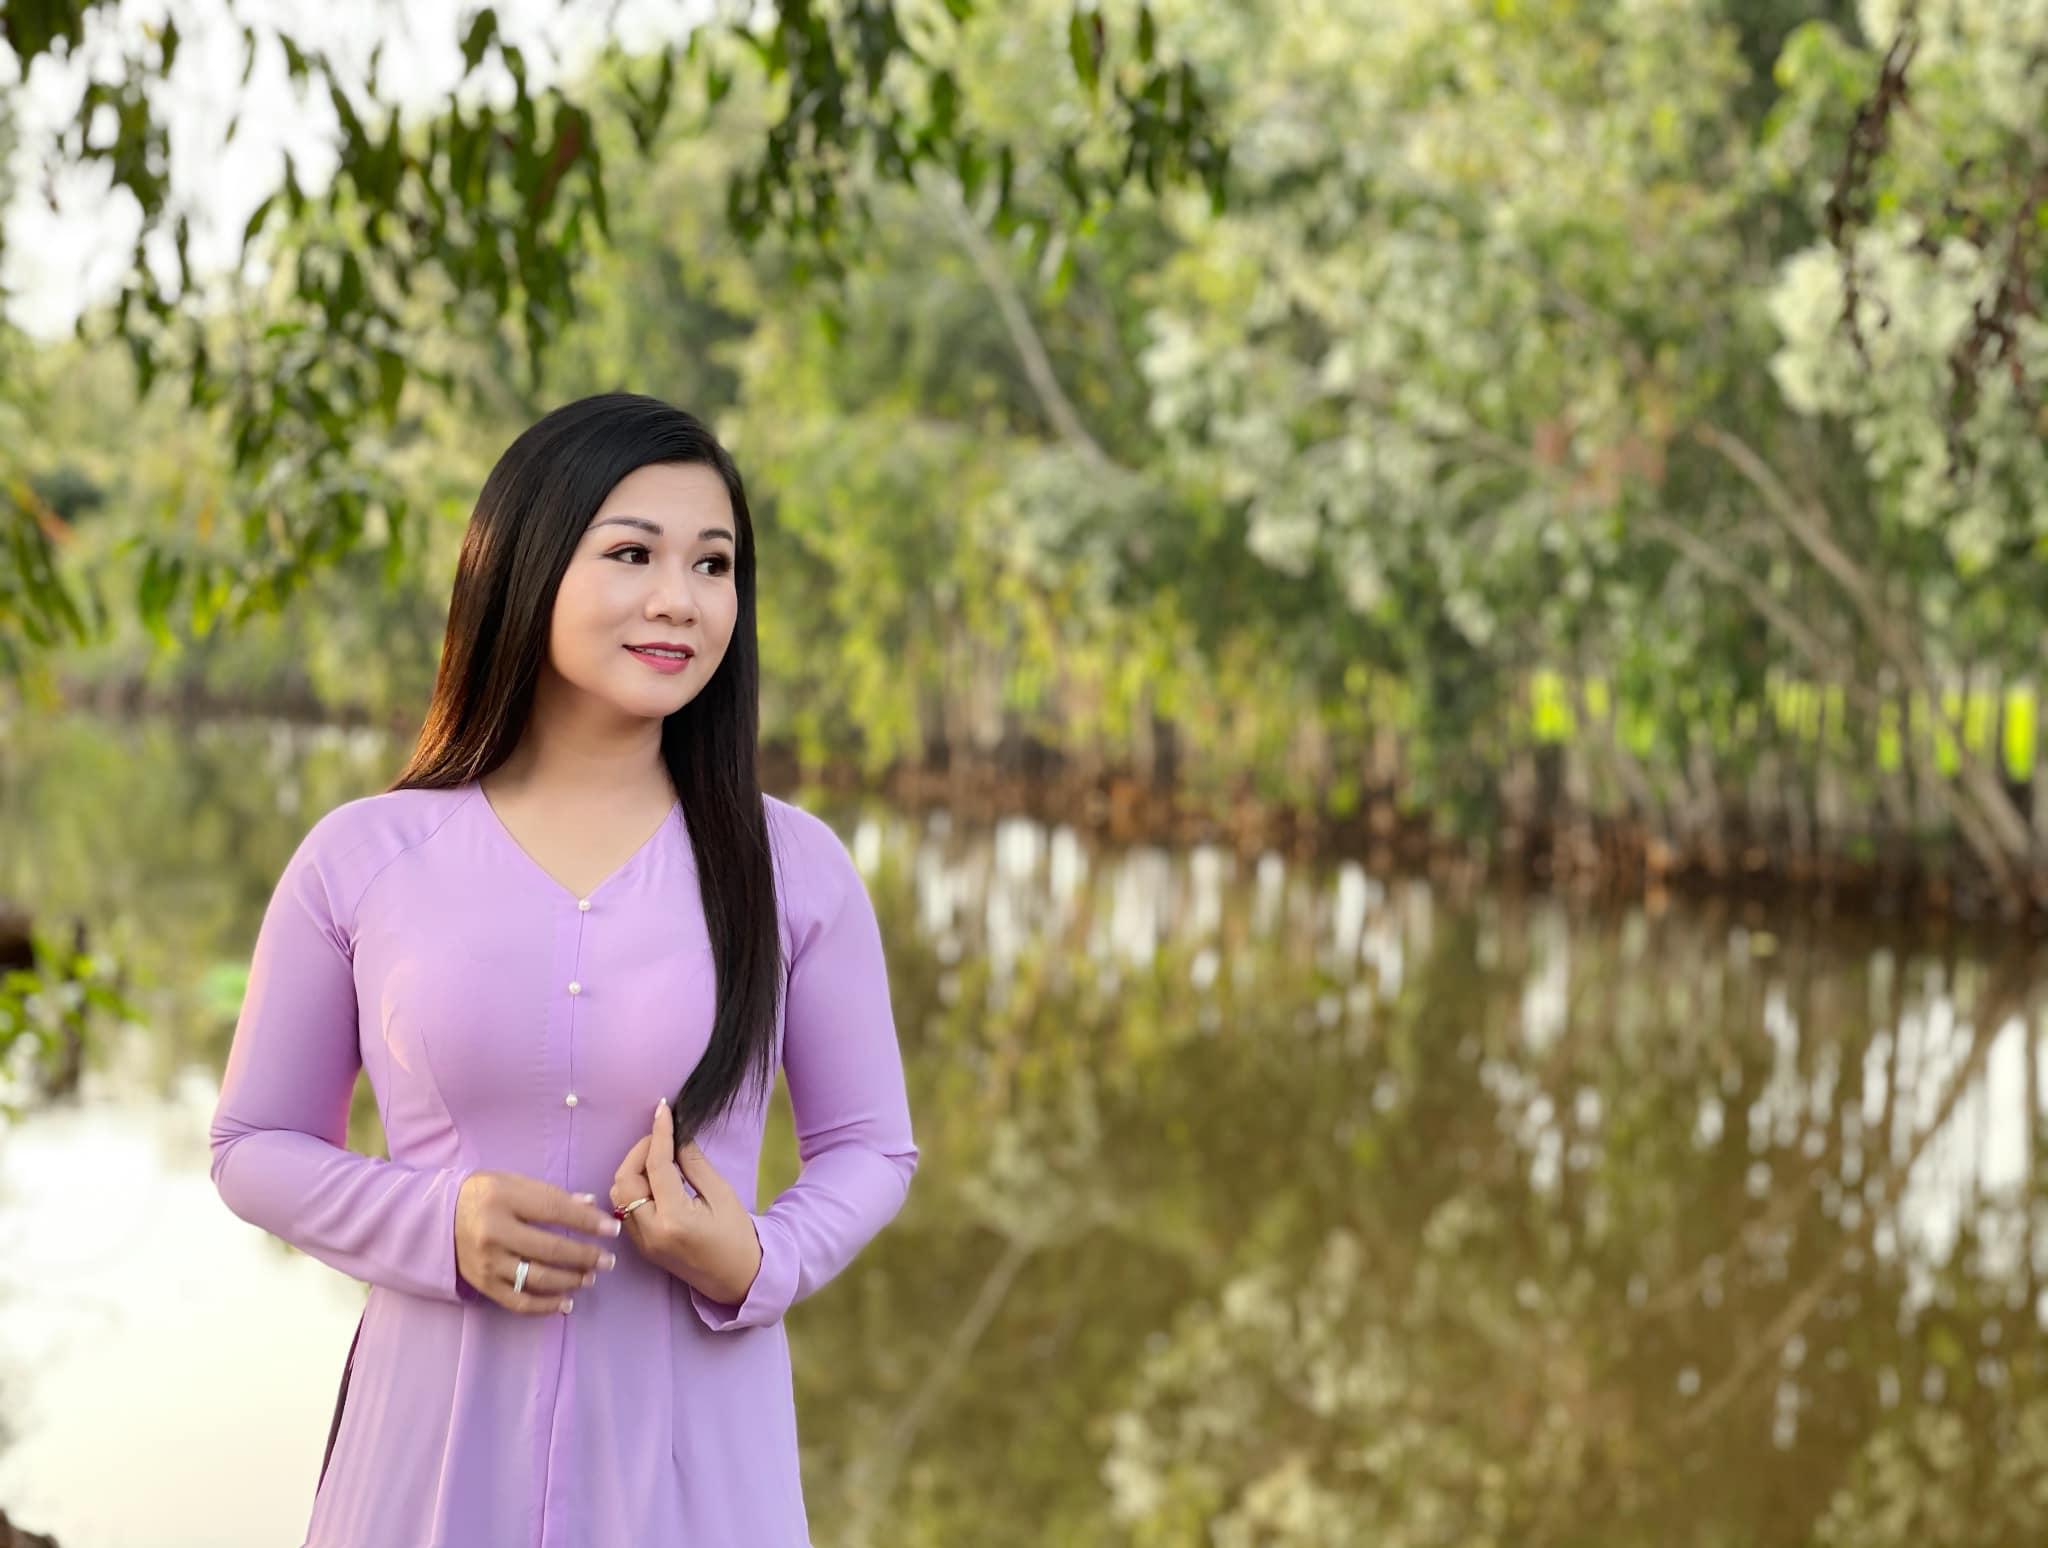 """Chuyện cuối tuần: Dương Hồng Loan áp lực khi bị chồng hỏi khó """"một là chọn hát, hai là chọn anh""""  - Ảnh 4."""